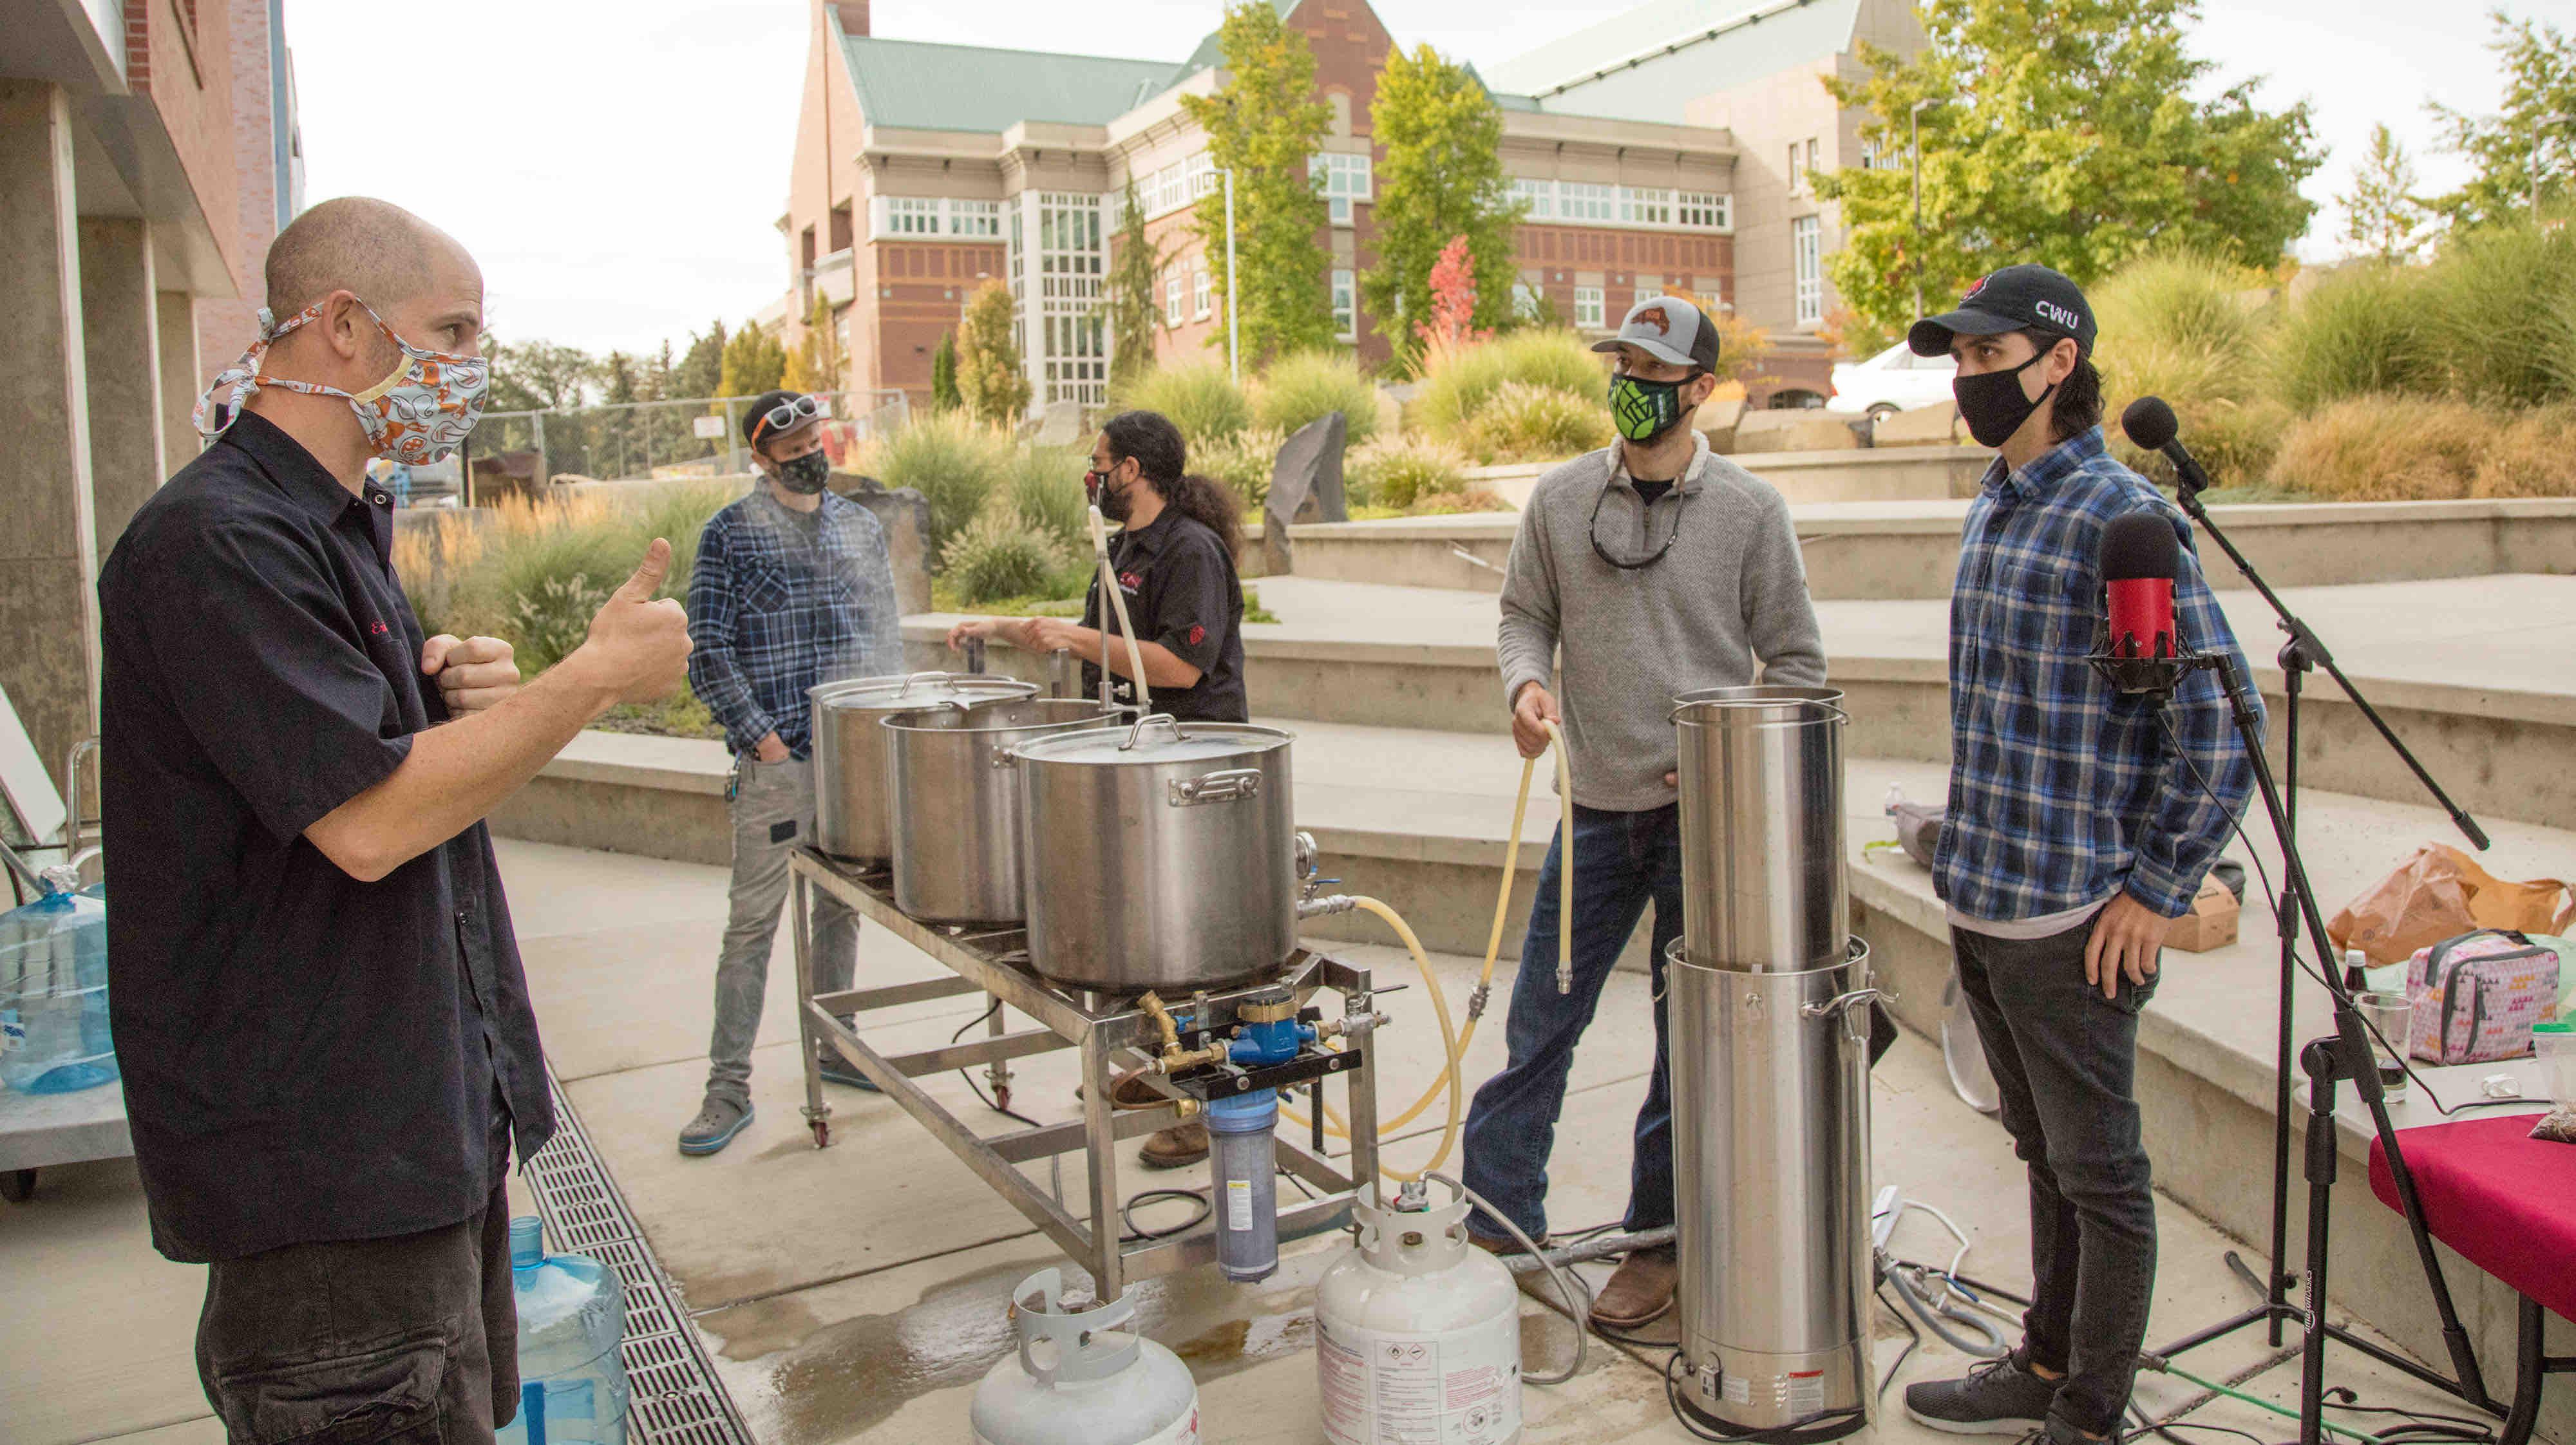 Image of CWU Brewing courtesy of Central Washington University